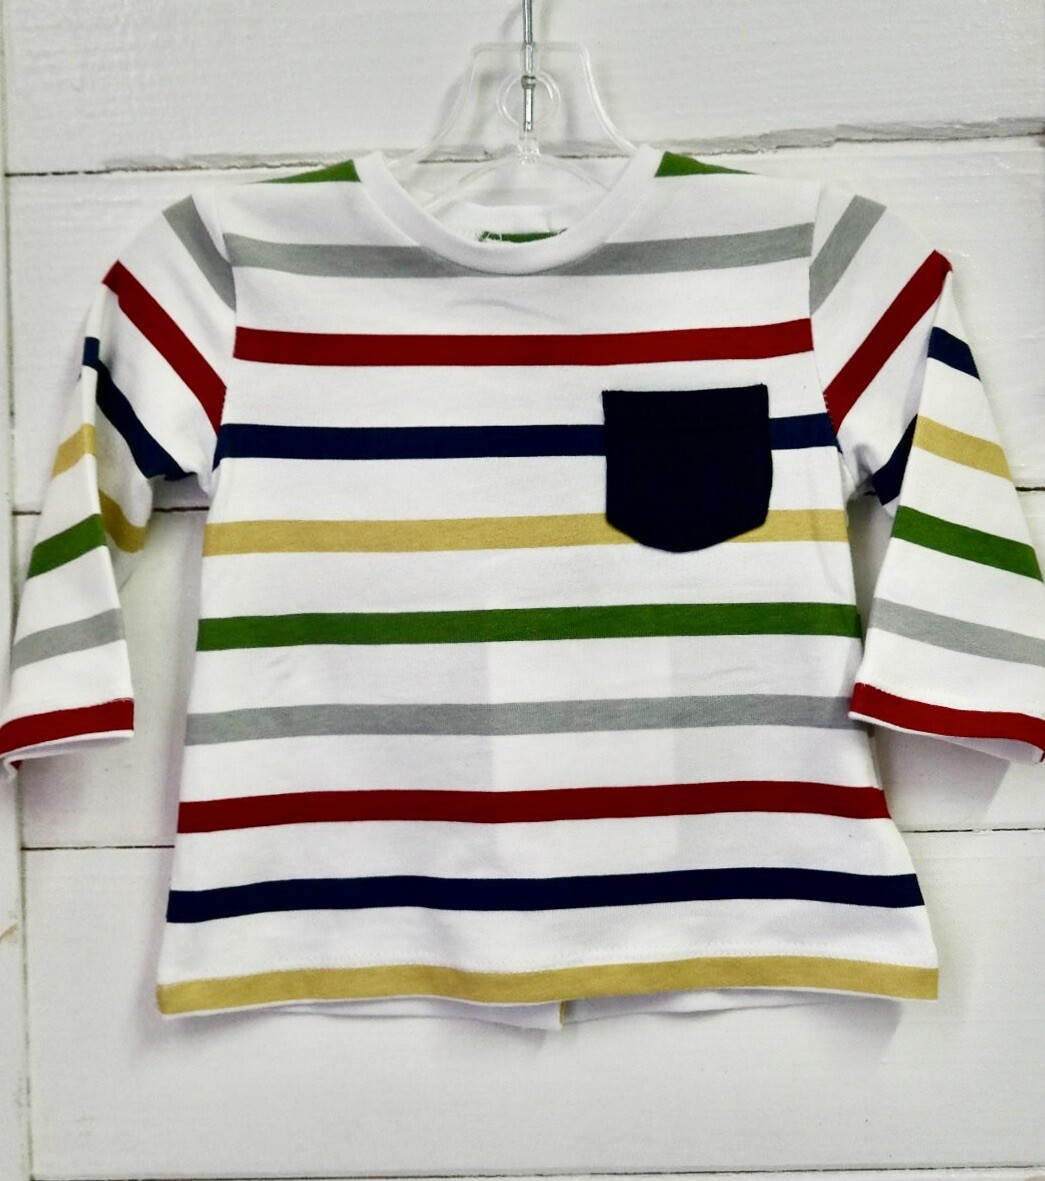 Cuore L/S tee - 1-2mo Stripe